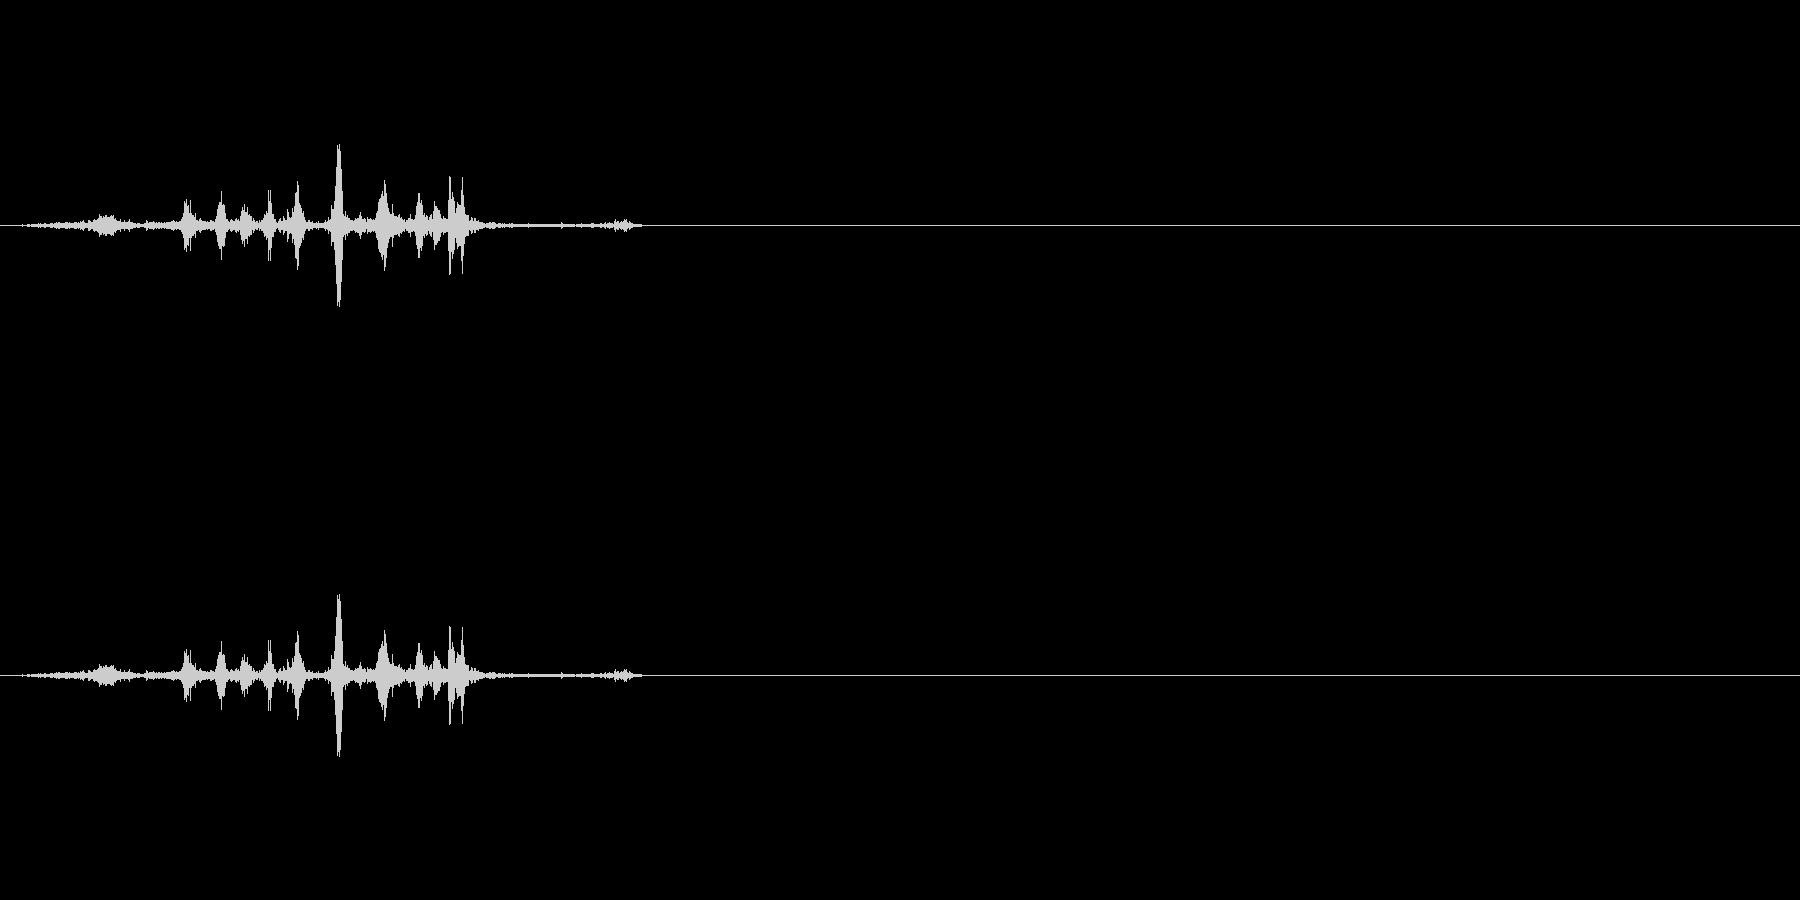 ハサミで厚紙を切る音(1)の未再生の波形